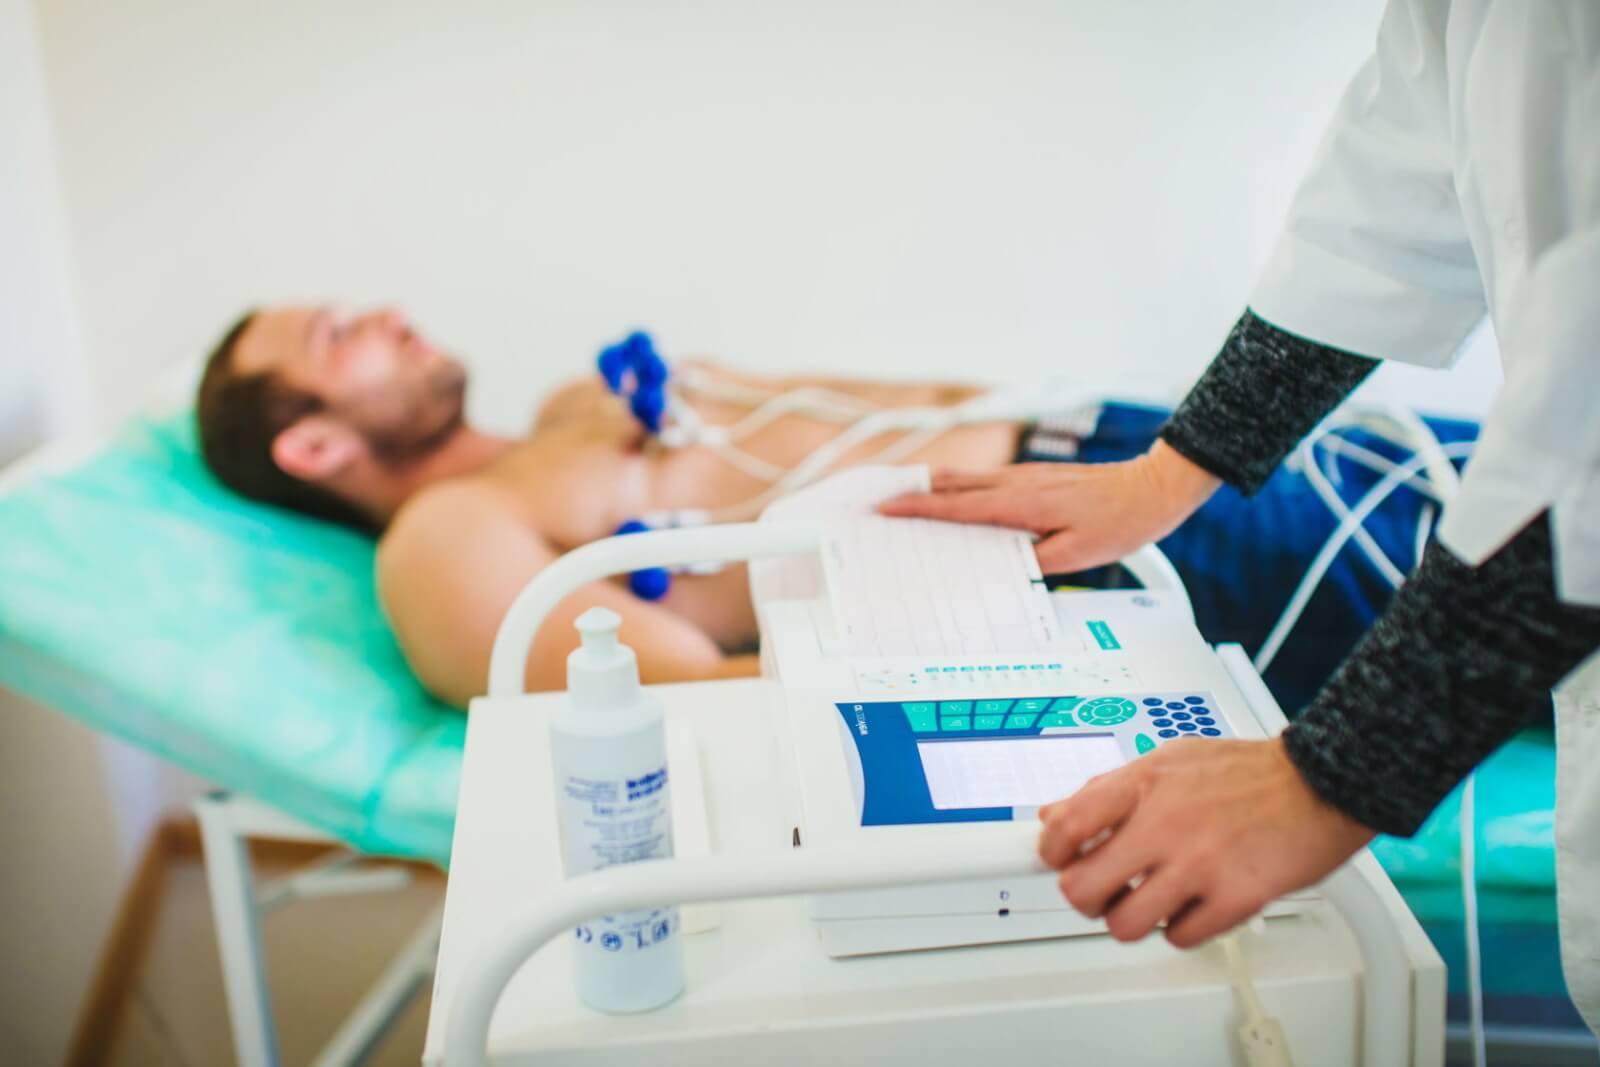 лектрокардиография — безопасная и безболезненная процедура, не имеет противопоказаний и не требует специальной подготовки.